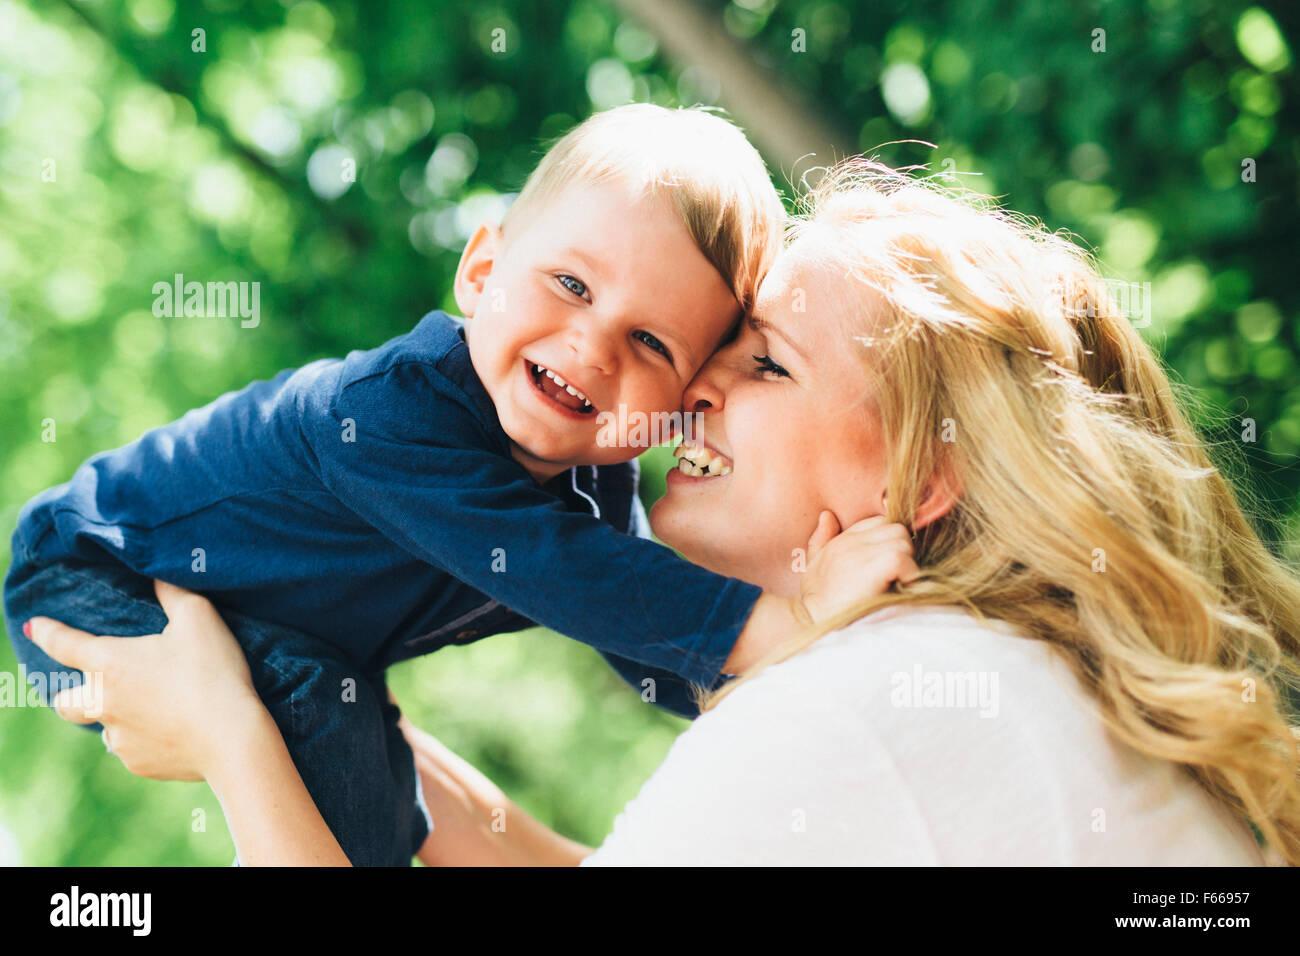 Mother smiling rire et jouer avec son enfant à l'extérieur sur une belle journée d'été Photo Stock